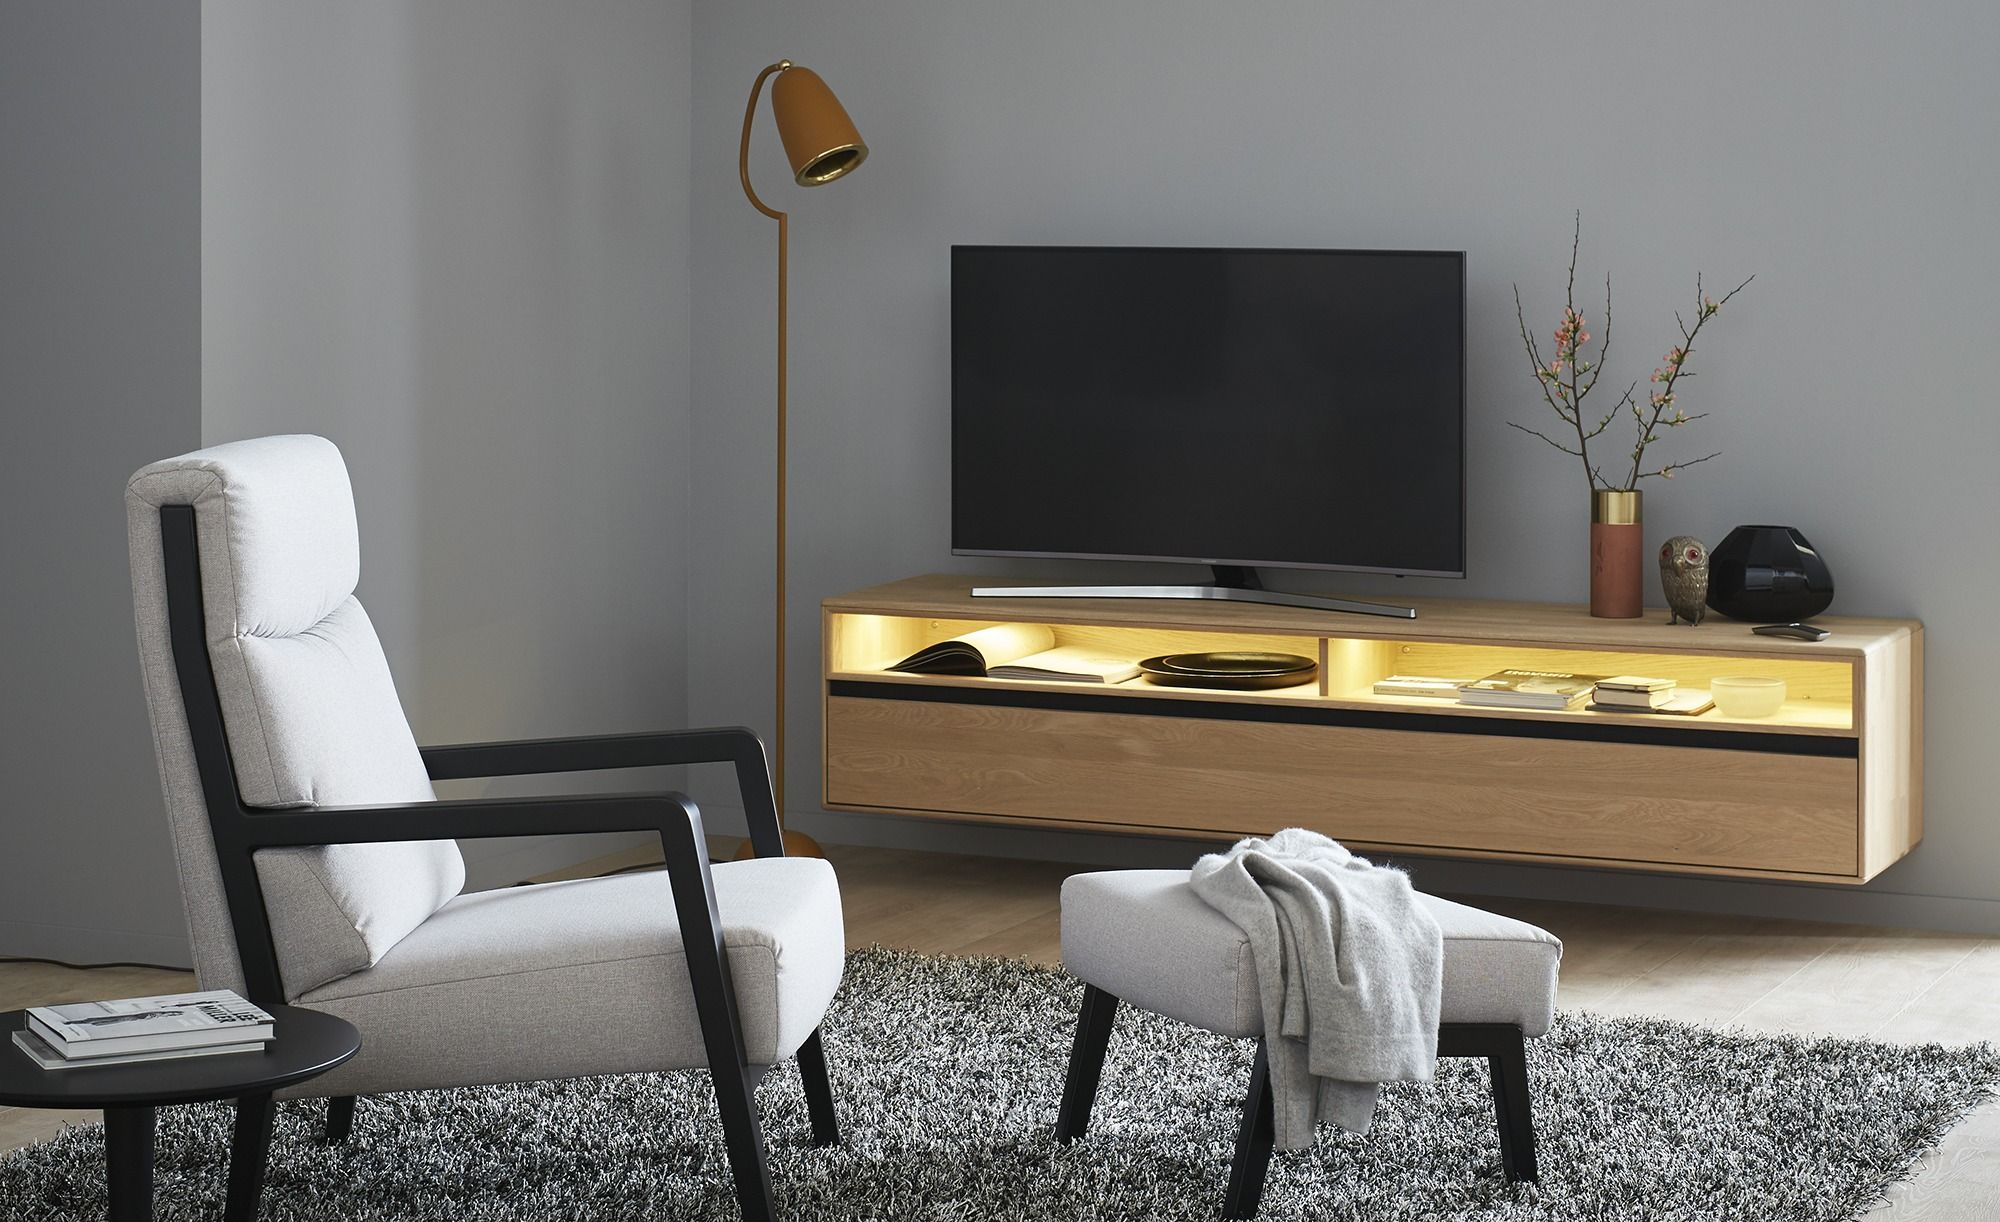 Einzigartig Schöner Wohnen Gardinen Wohnzimmer Ideen